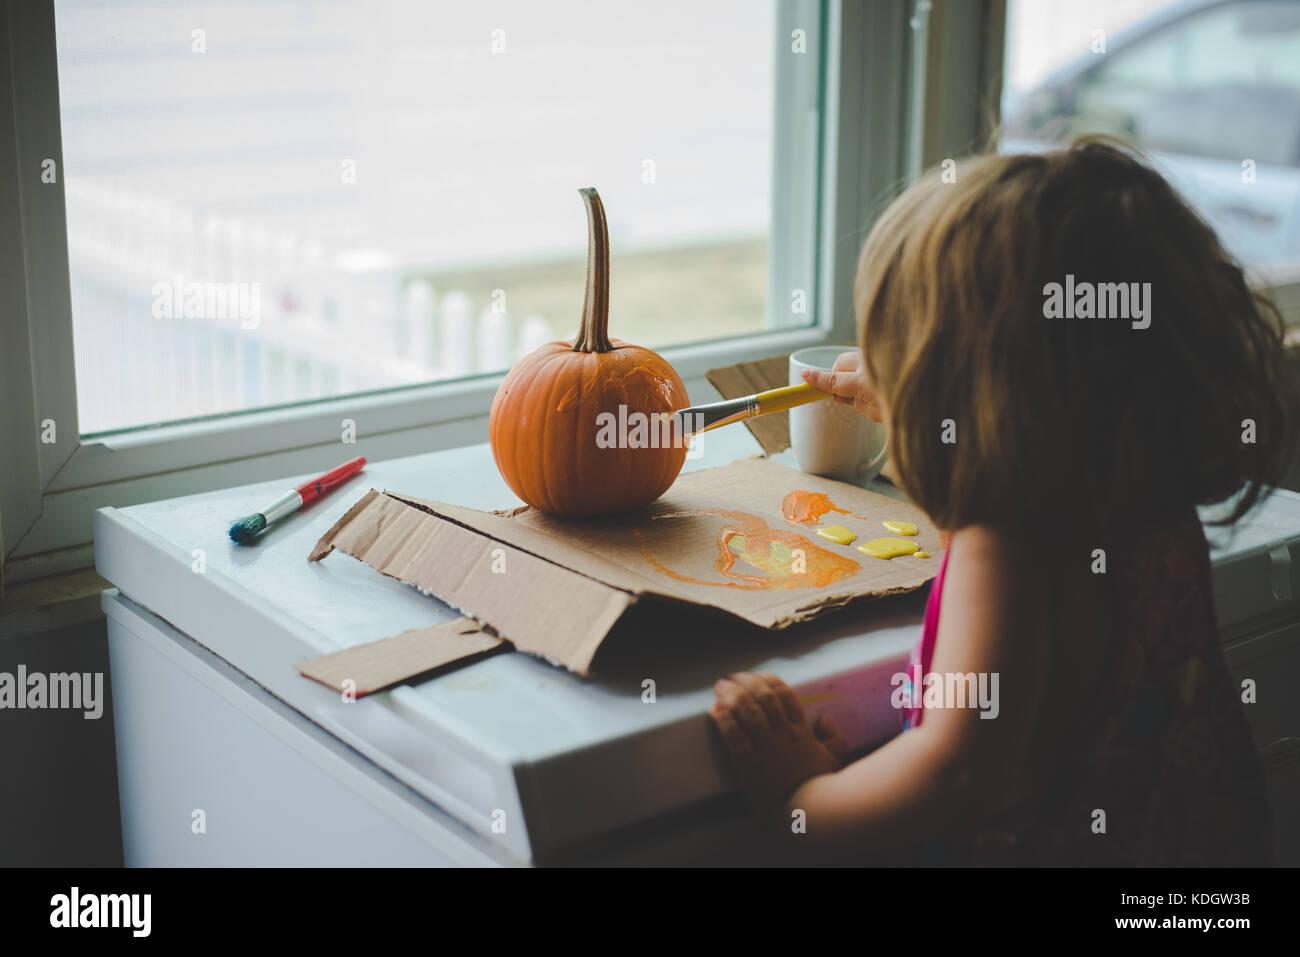 Una niña pinta calabazas durante actividades de otoño. Imagen De Stock